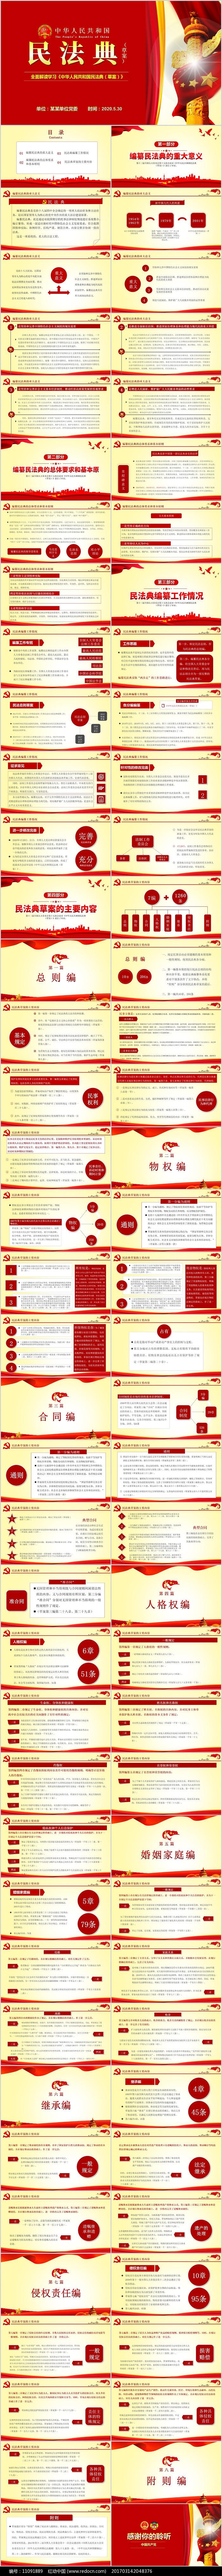 中华人民共和国民法典PPT模板图片